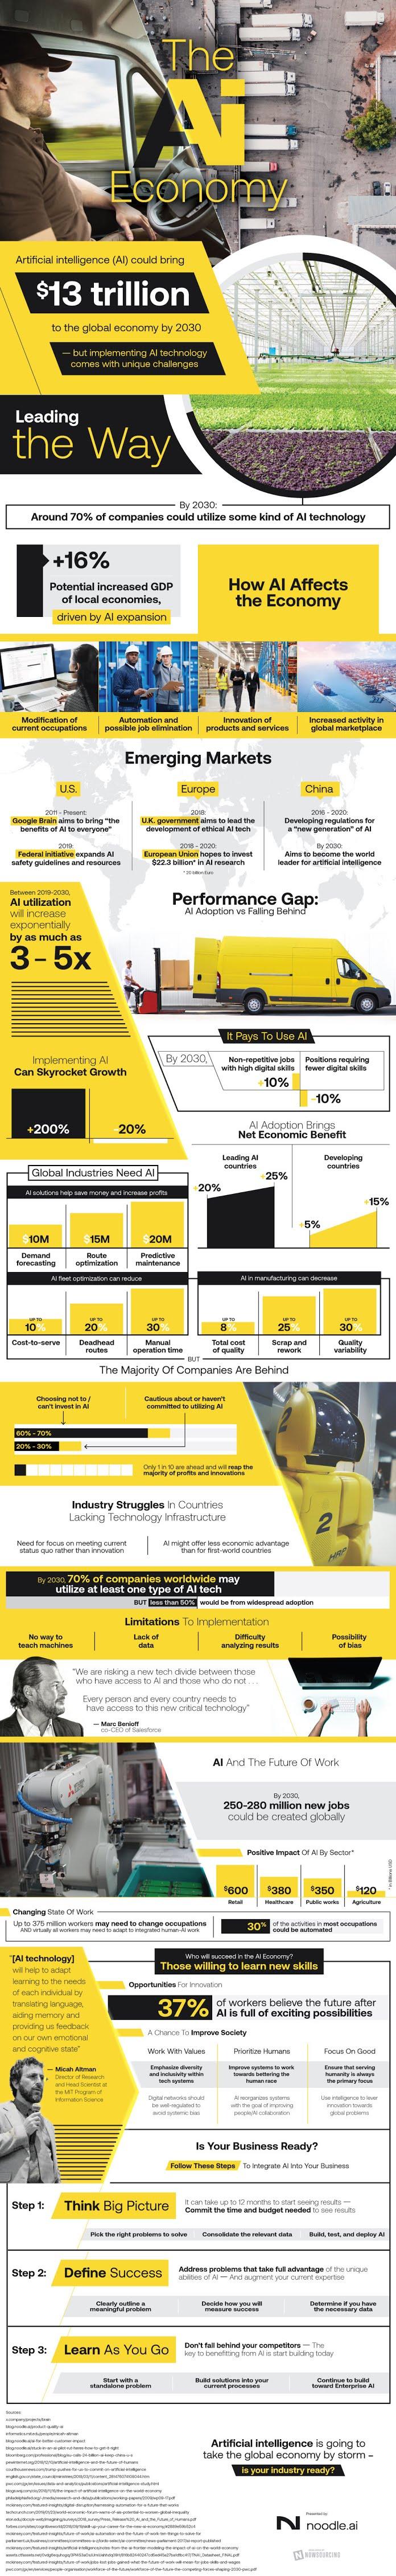 The AI Economy #infographic